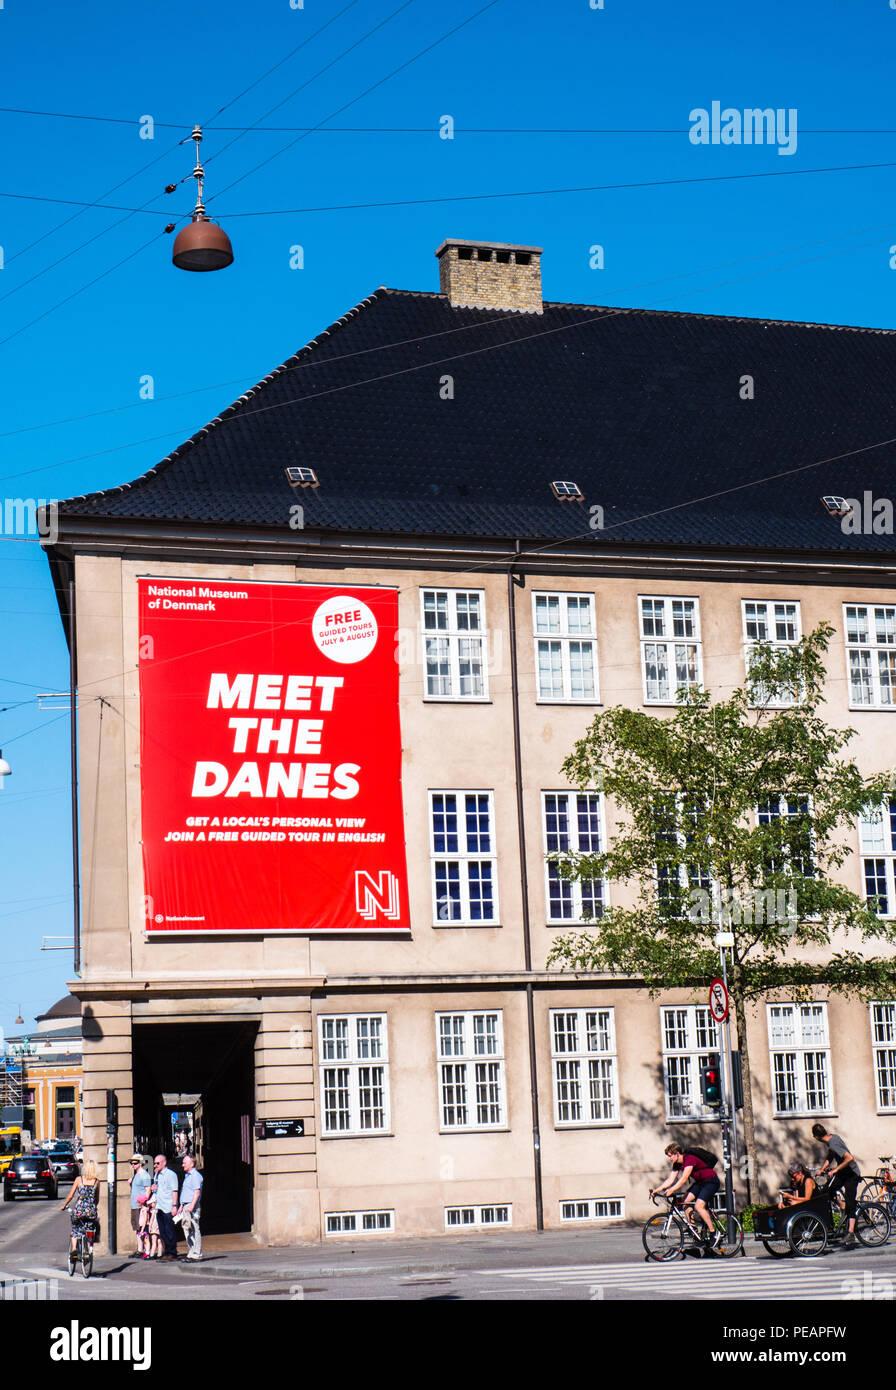 Los ciclistas fuera, cumplen los daneses Exercitation, Museo Nacional de Dinamarca, Copenhague, Zelanda, Dinamarca, Europa. Foto de stock